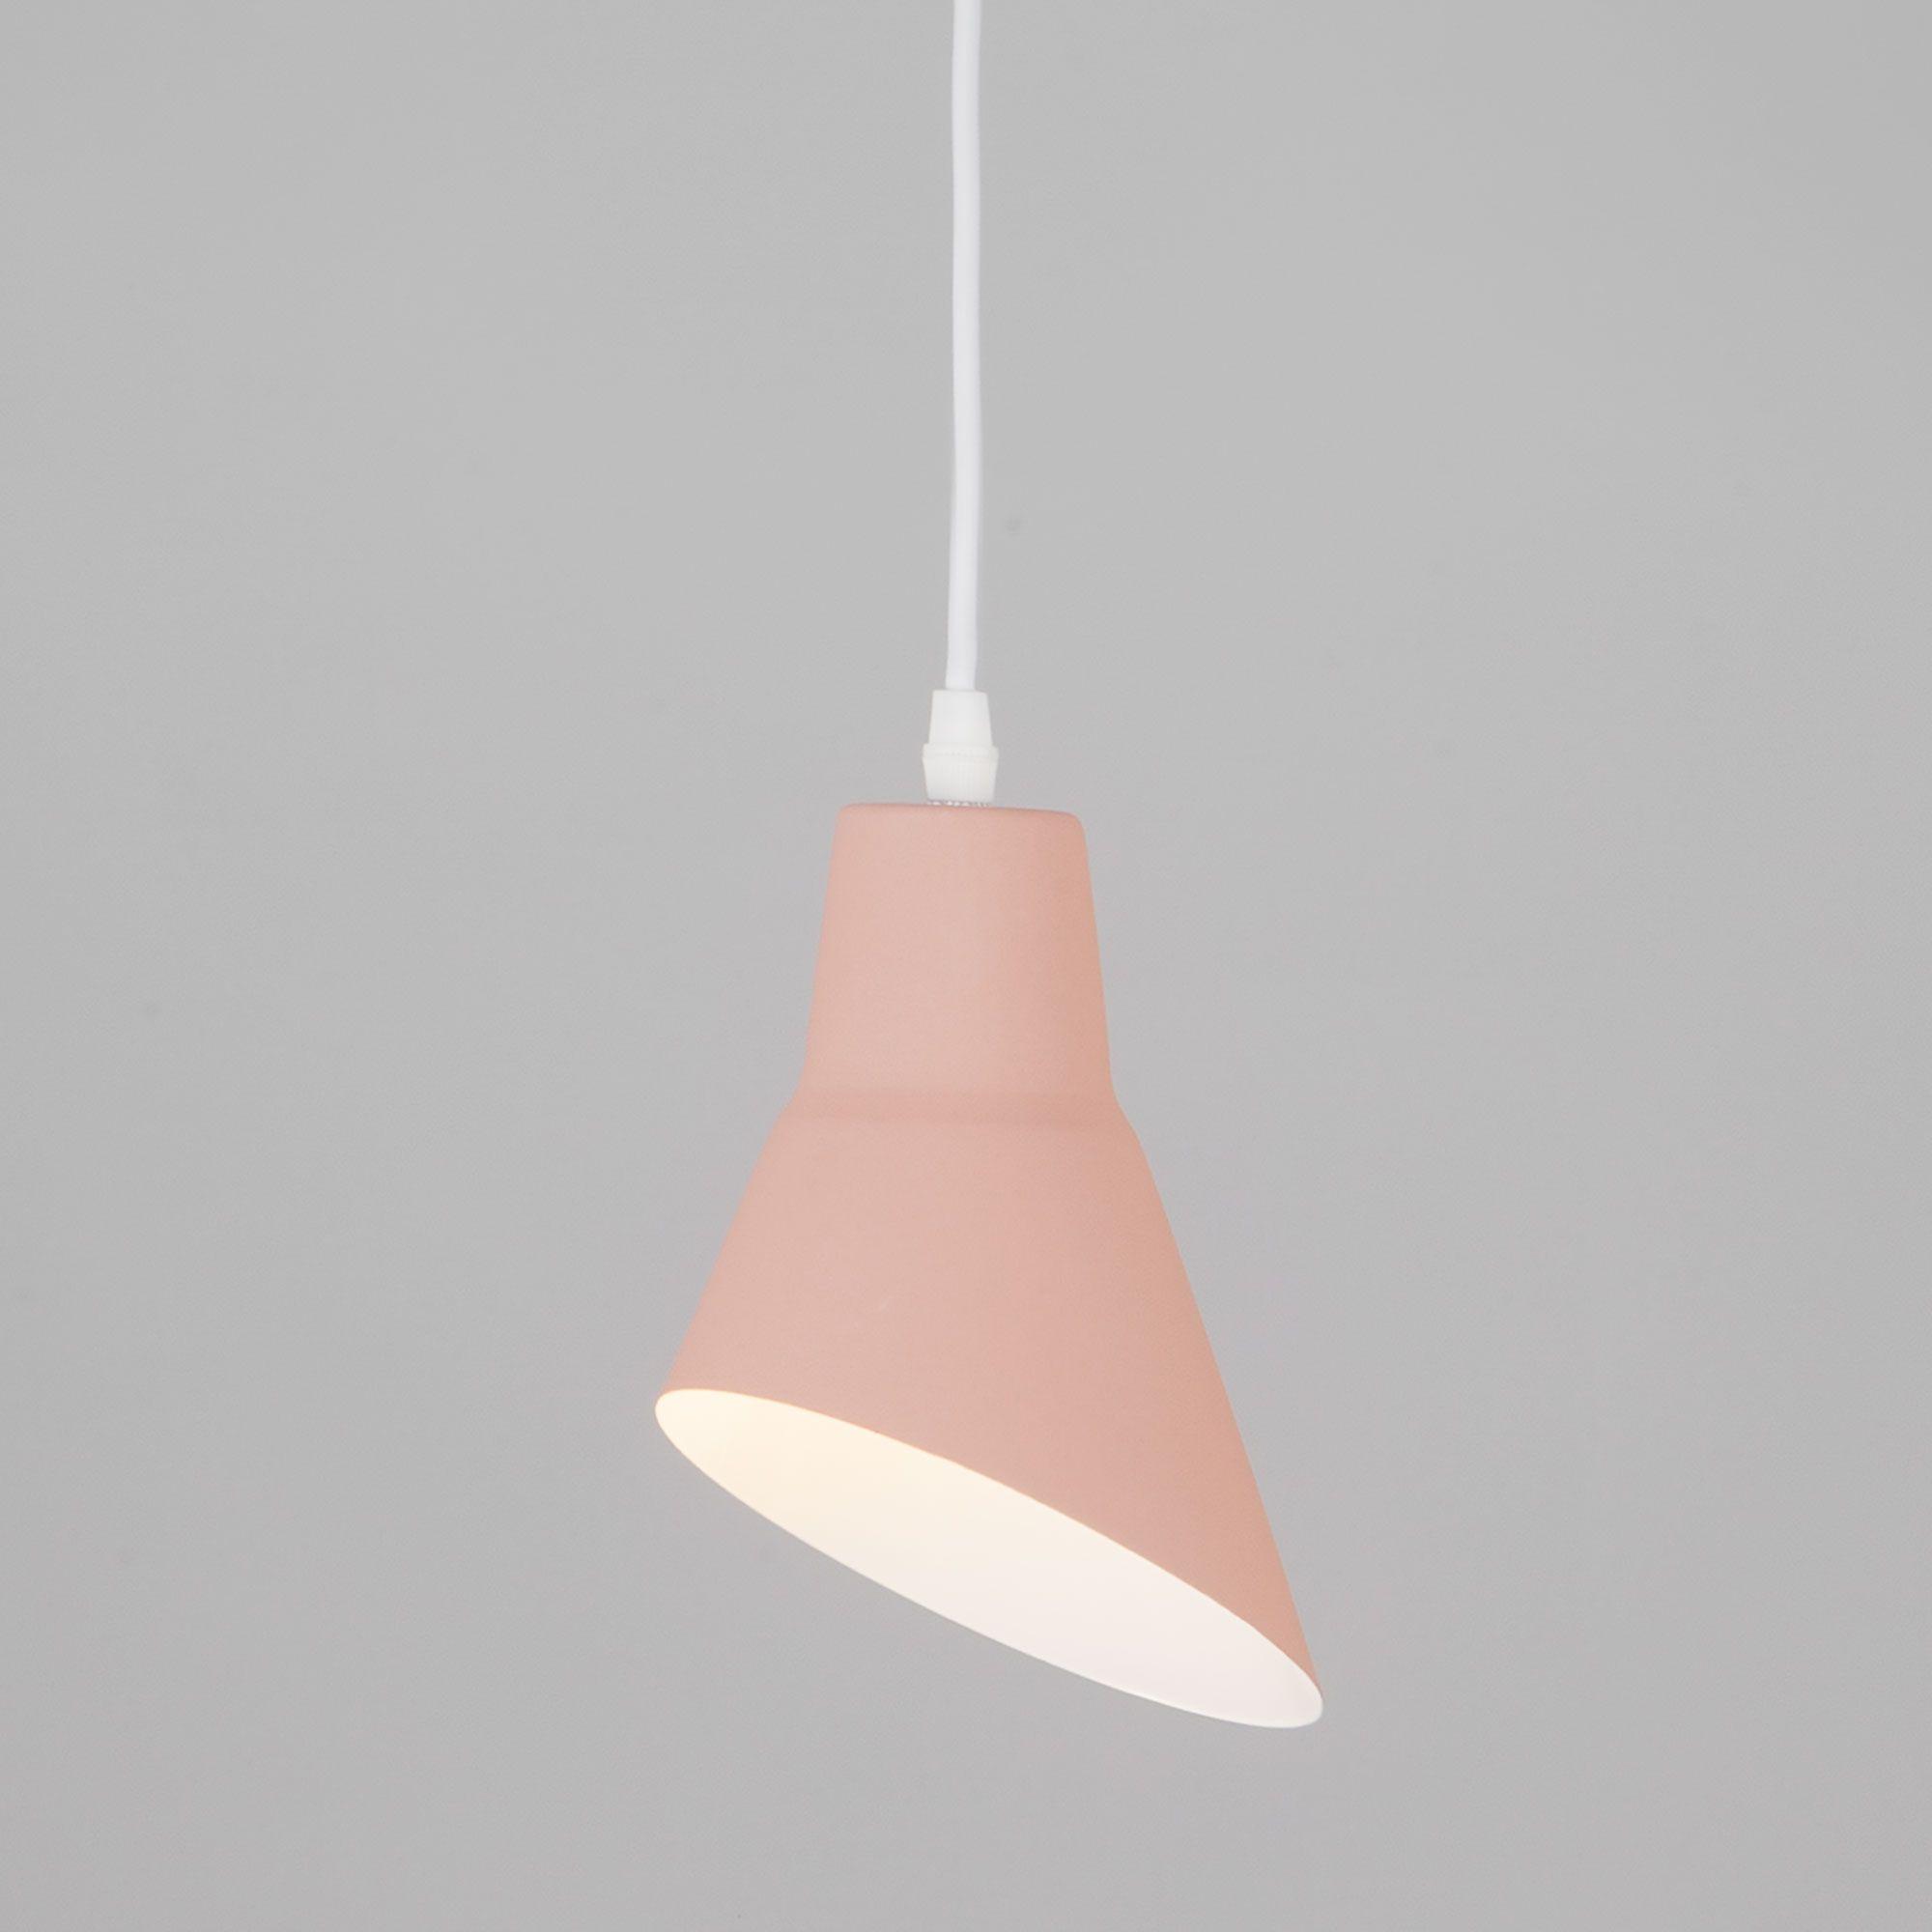 Подвесной светильник с металлическим плафоном 50069/1 розовый